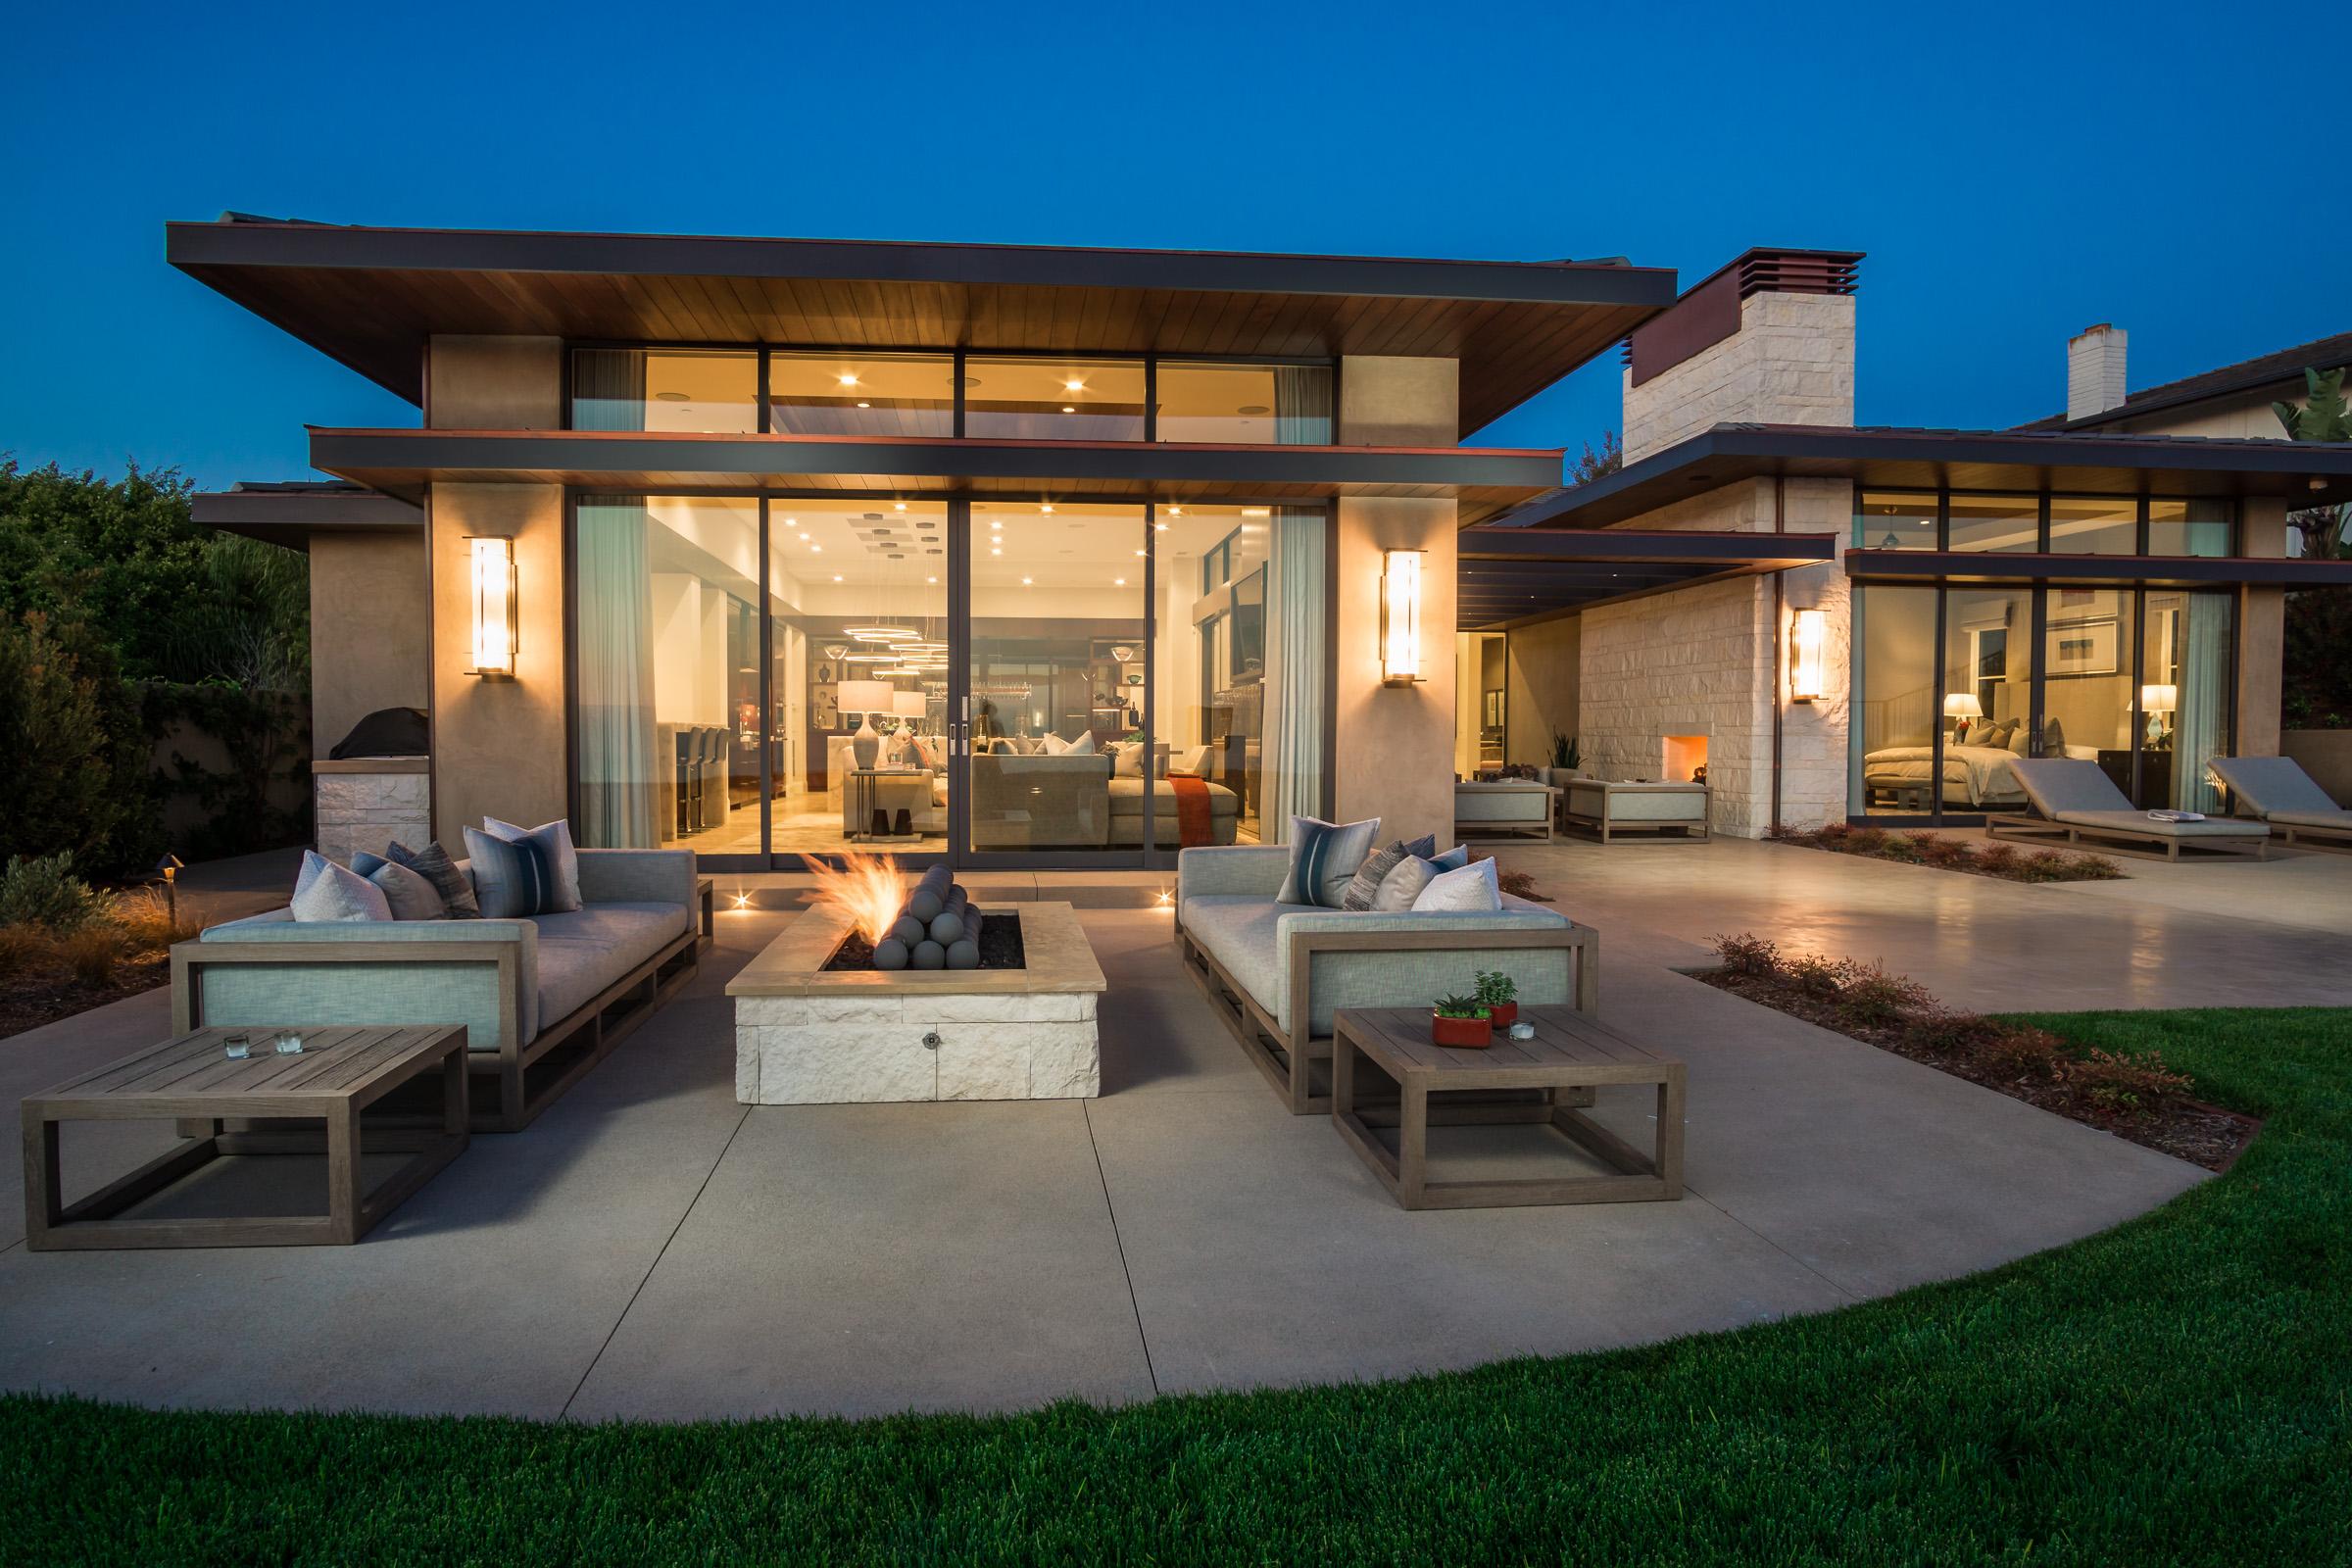 137_Corona-Del-Mar-home_Design-a-Details-Firm_Joseph-Barber-Studios.jpg